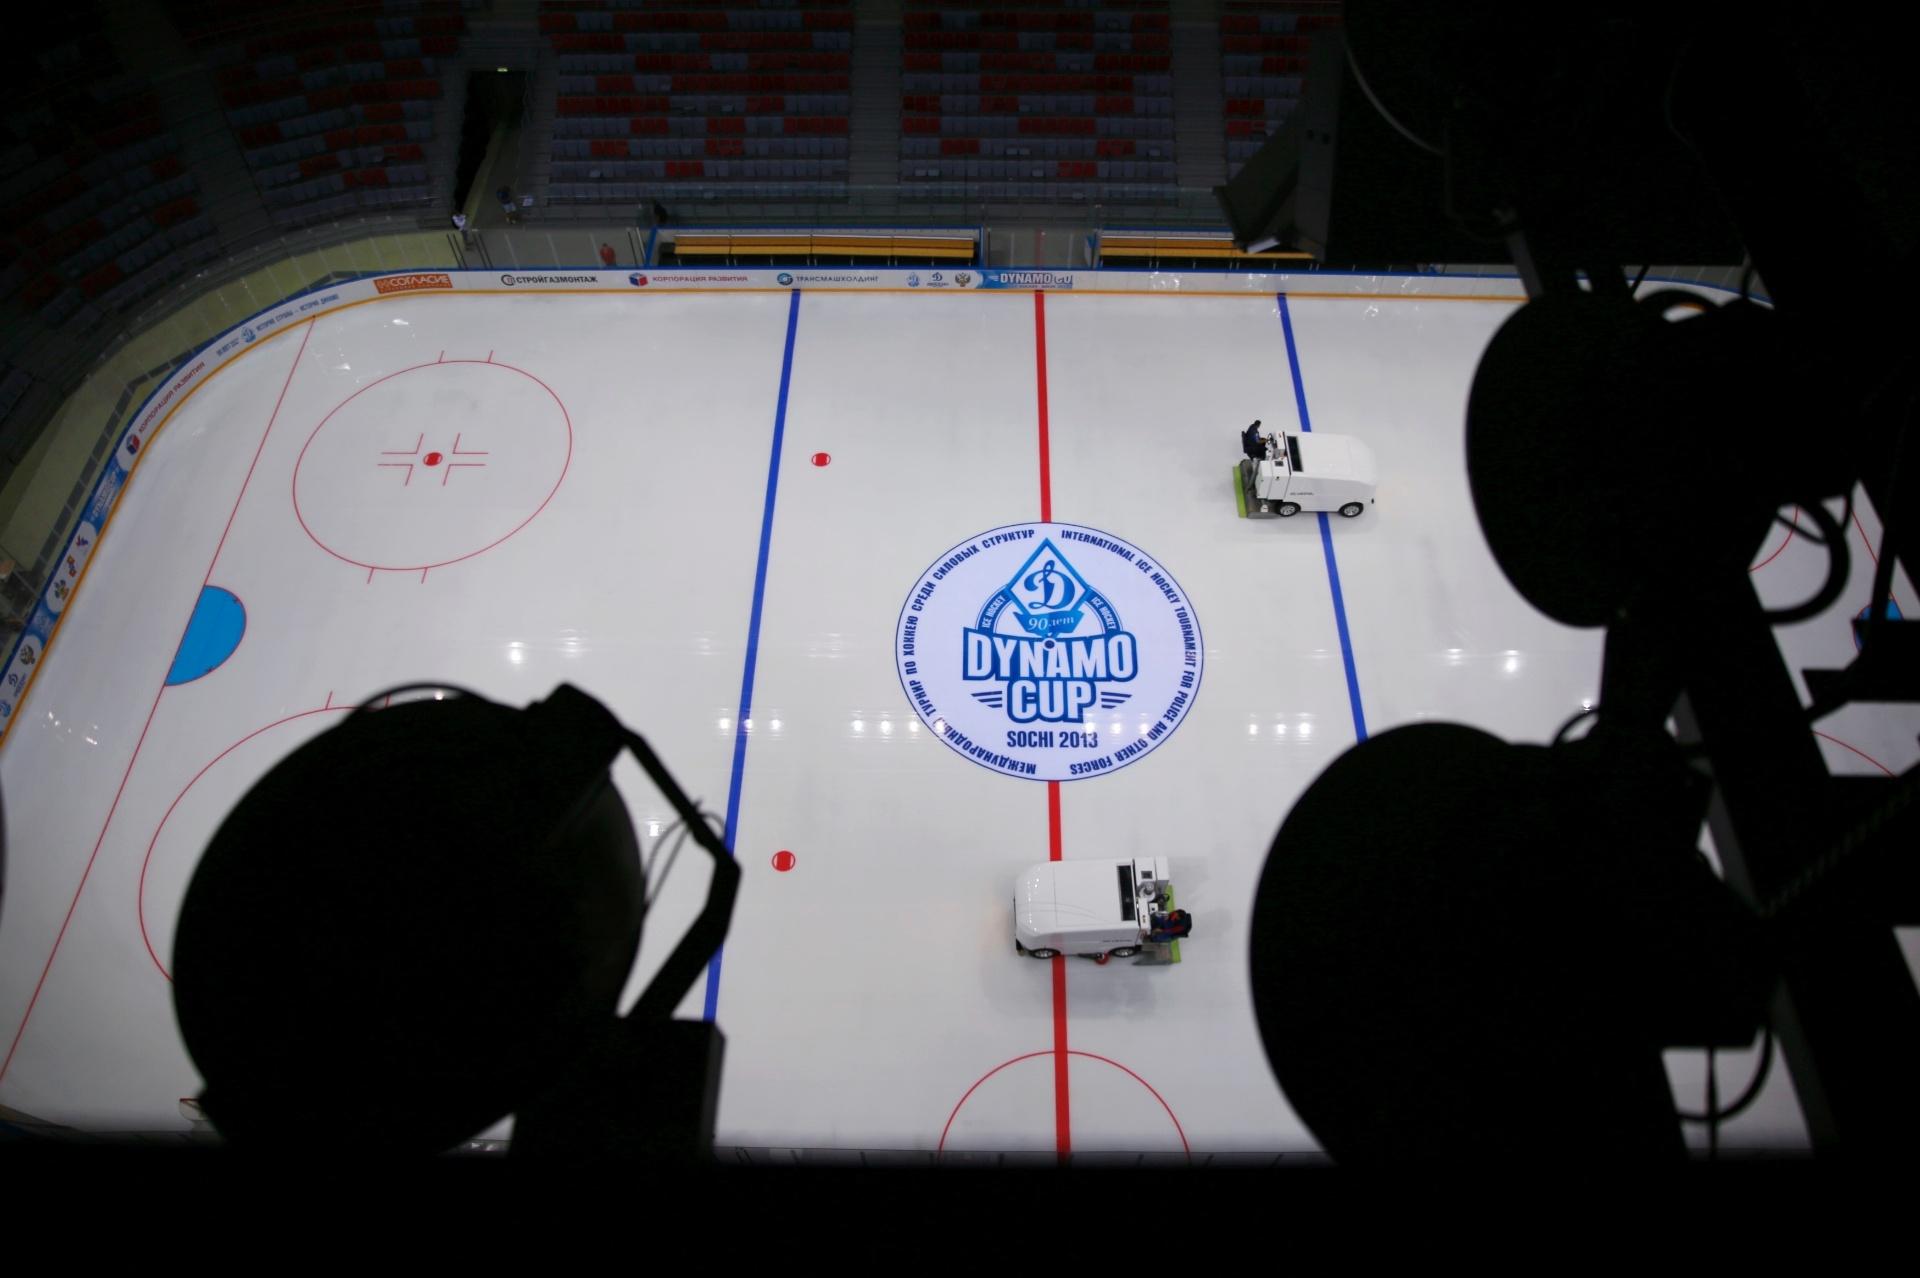 20.ago.2013 - Assim como a Shayba Arena, o Bolshoy Ice Dome também vai receber jogos de hóquei na Olimpíada de inverno de Sochi em 2014. O ginásio é um dos principais locais de competição dos Jogos